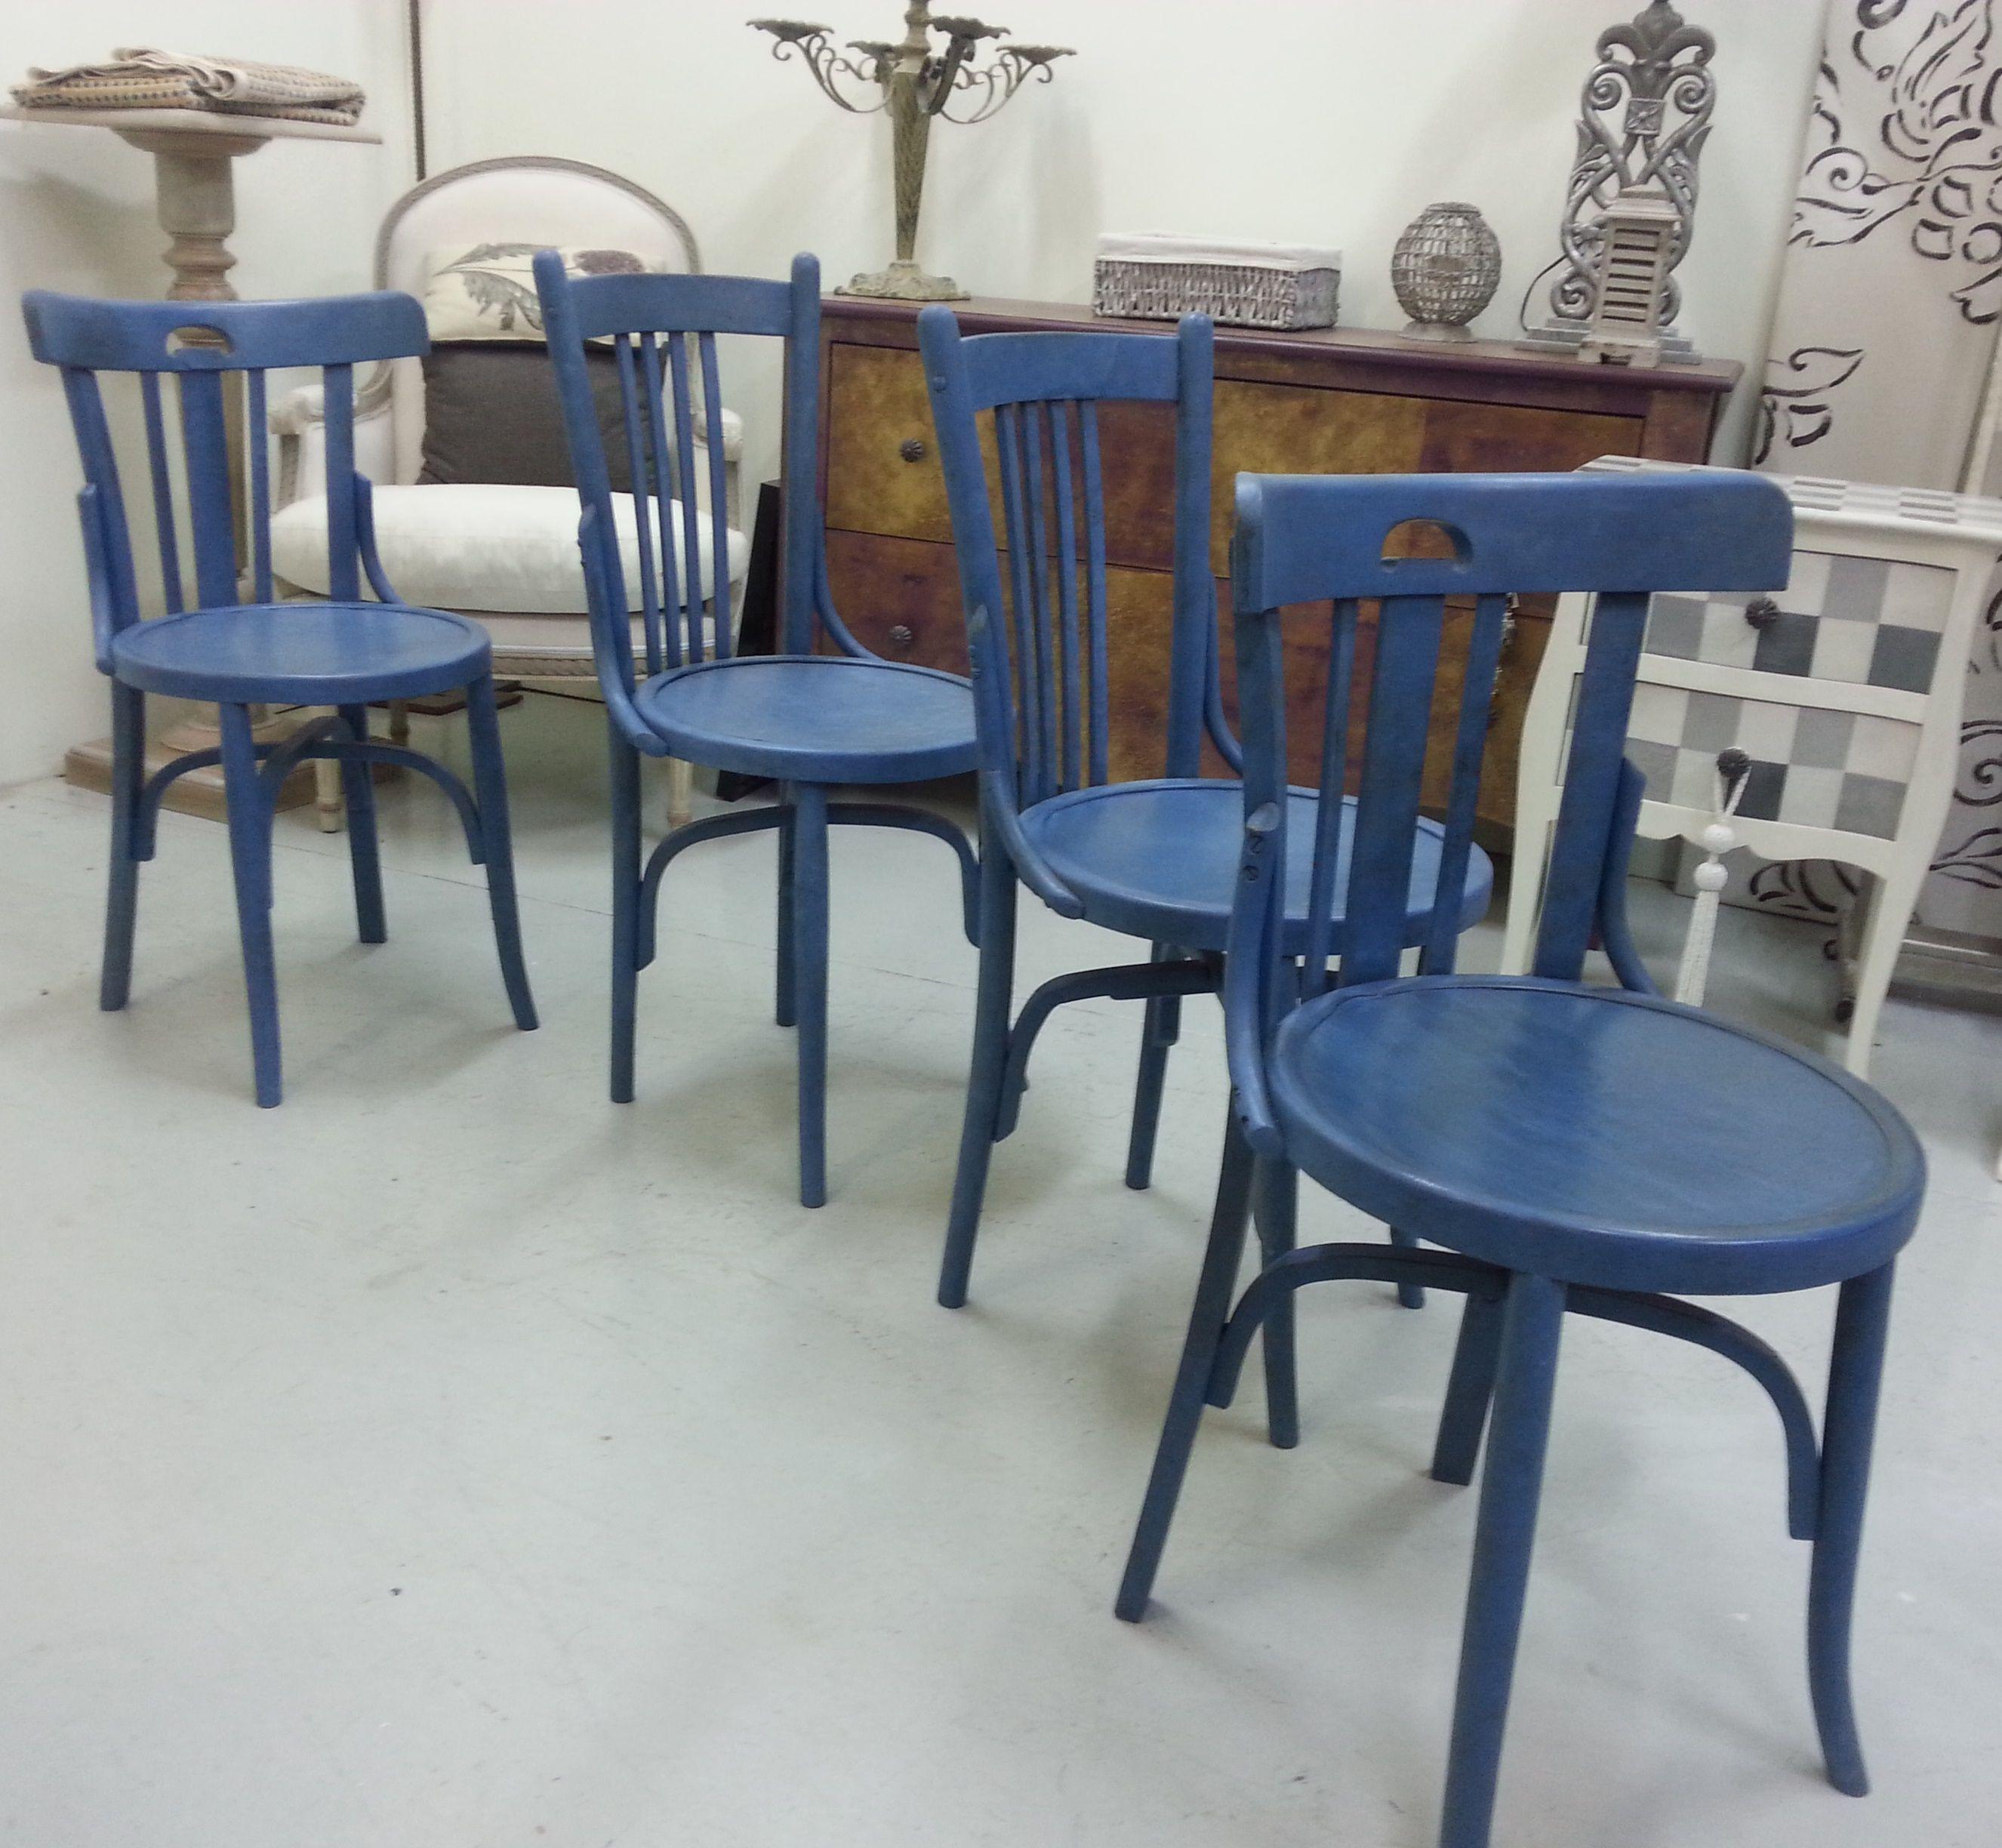 Viejas Sillas Estilo Thonet Transformadas Con Pintura Azul En El  # Muebles Requejo